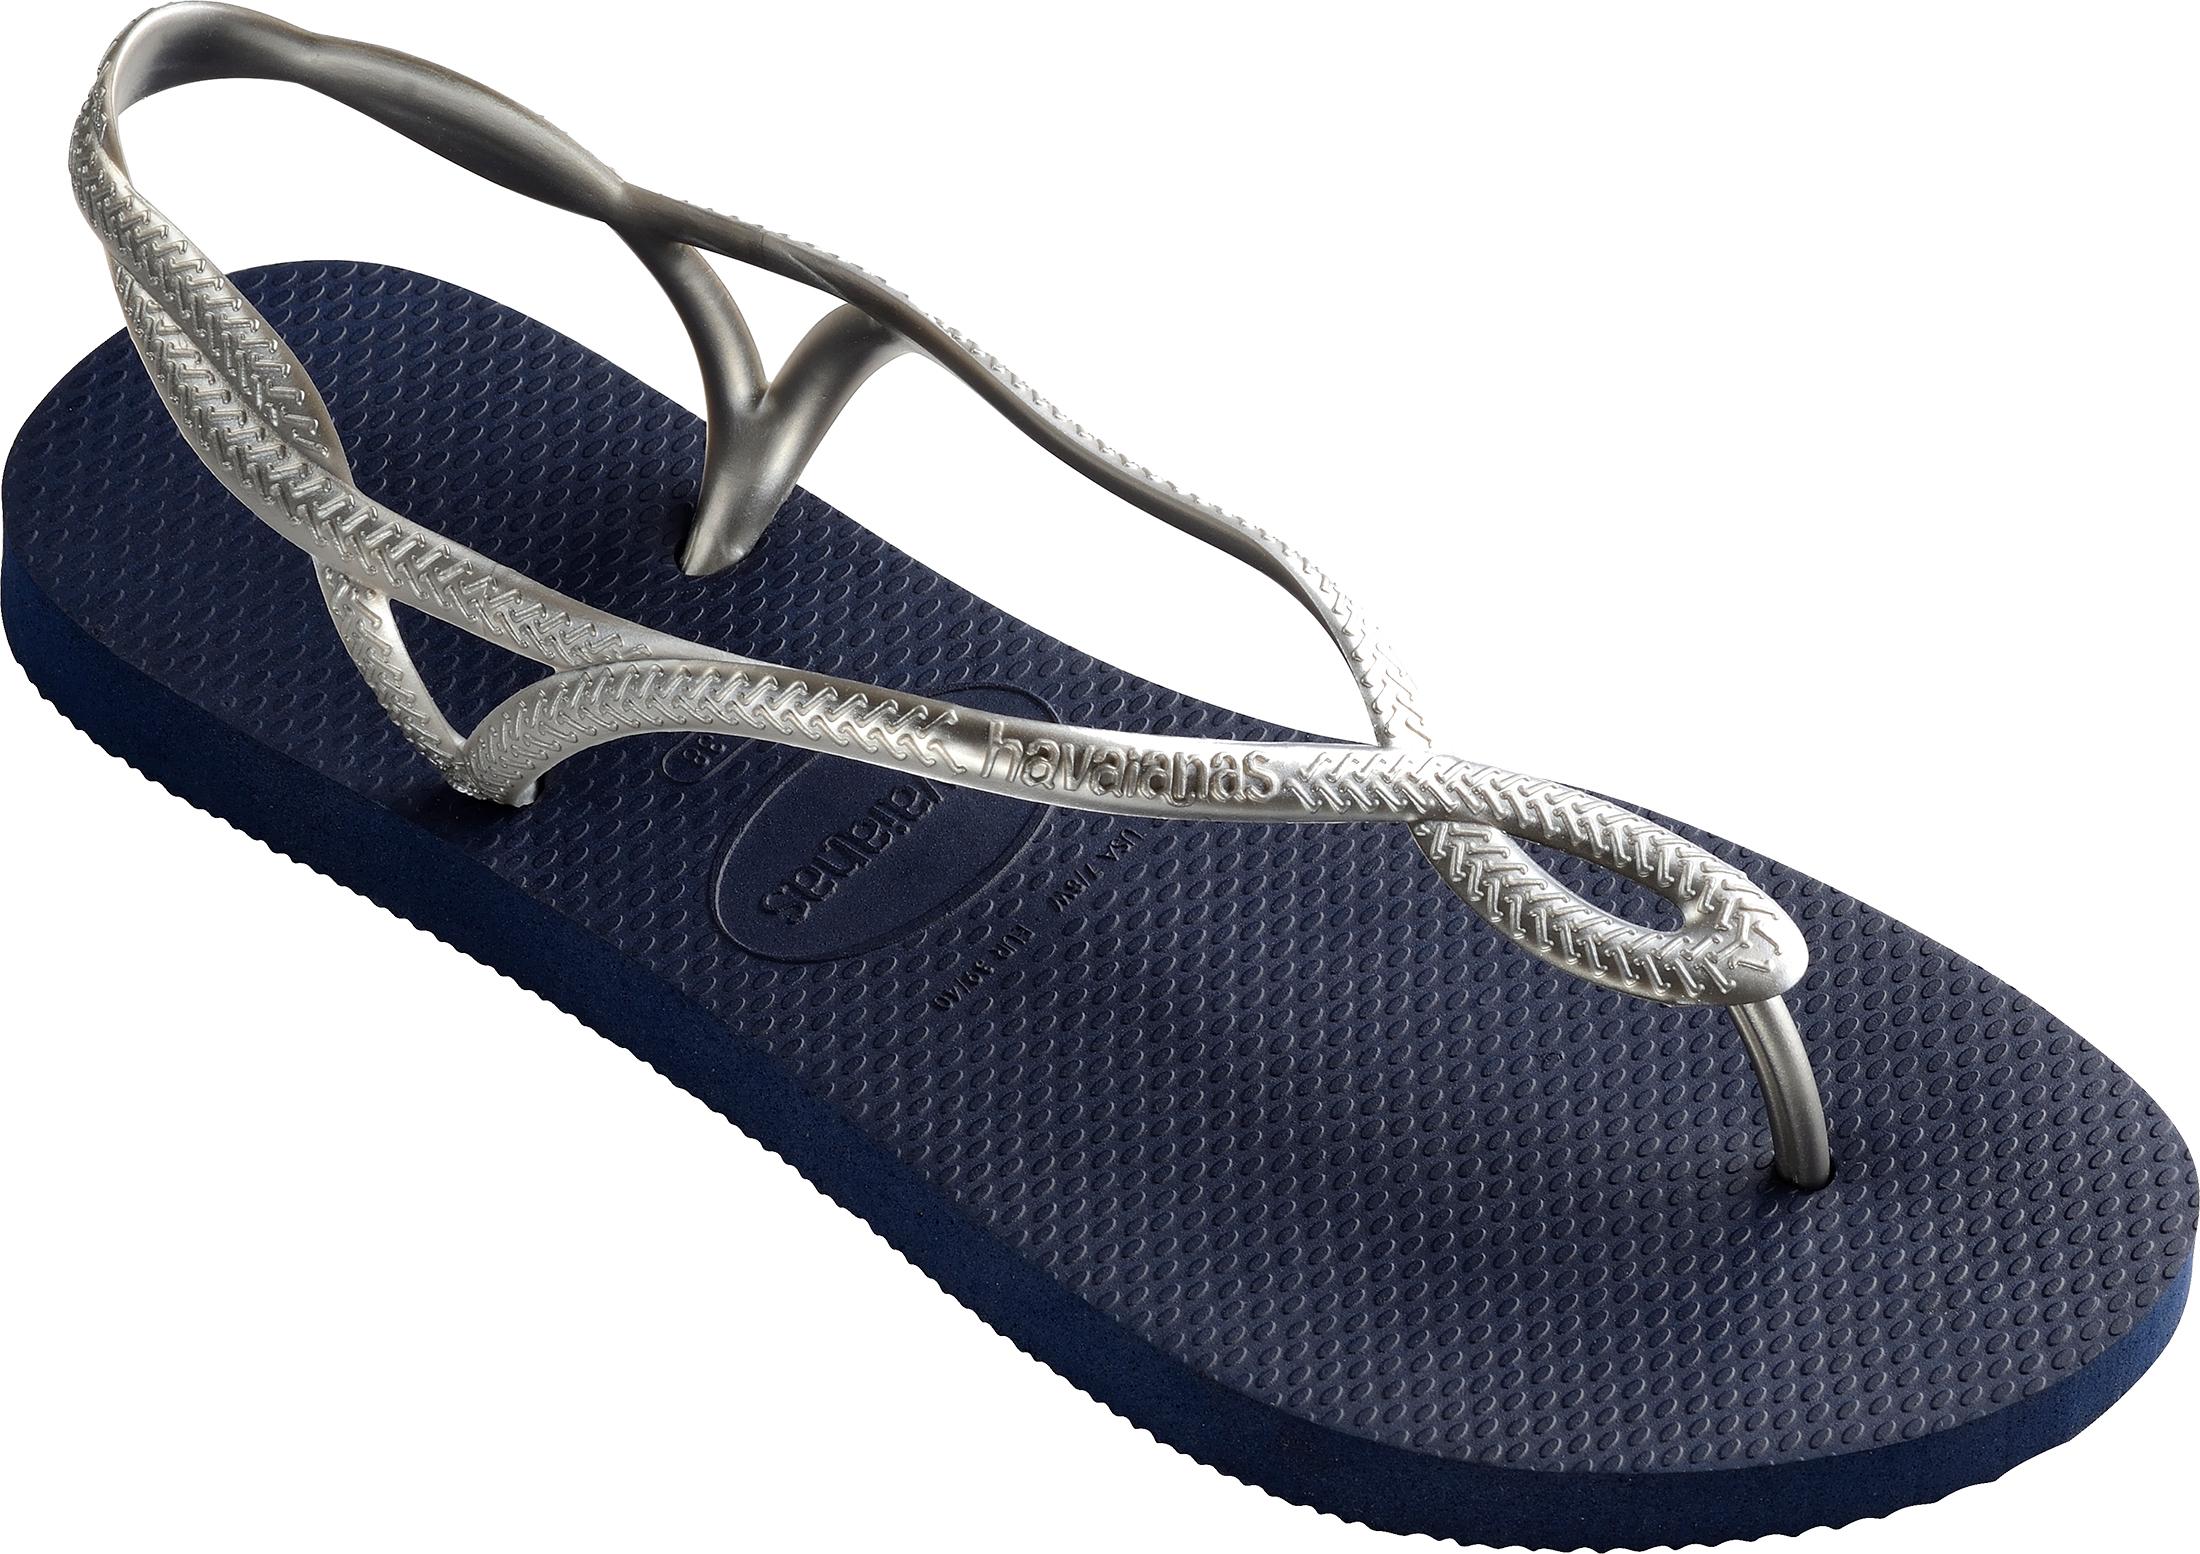 Havaianas-Luna-women-039-s-flip-flops-sandals-